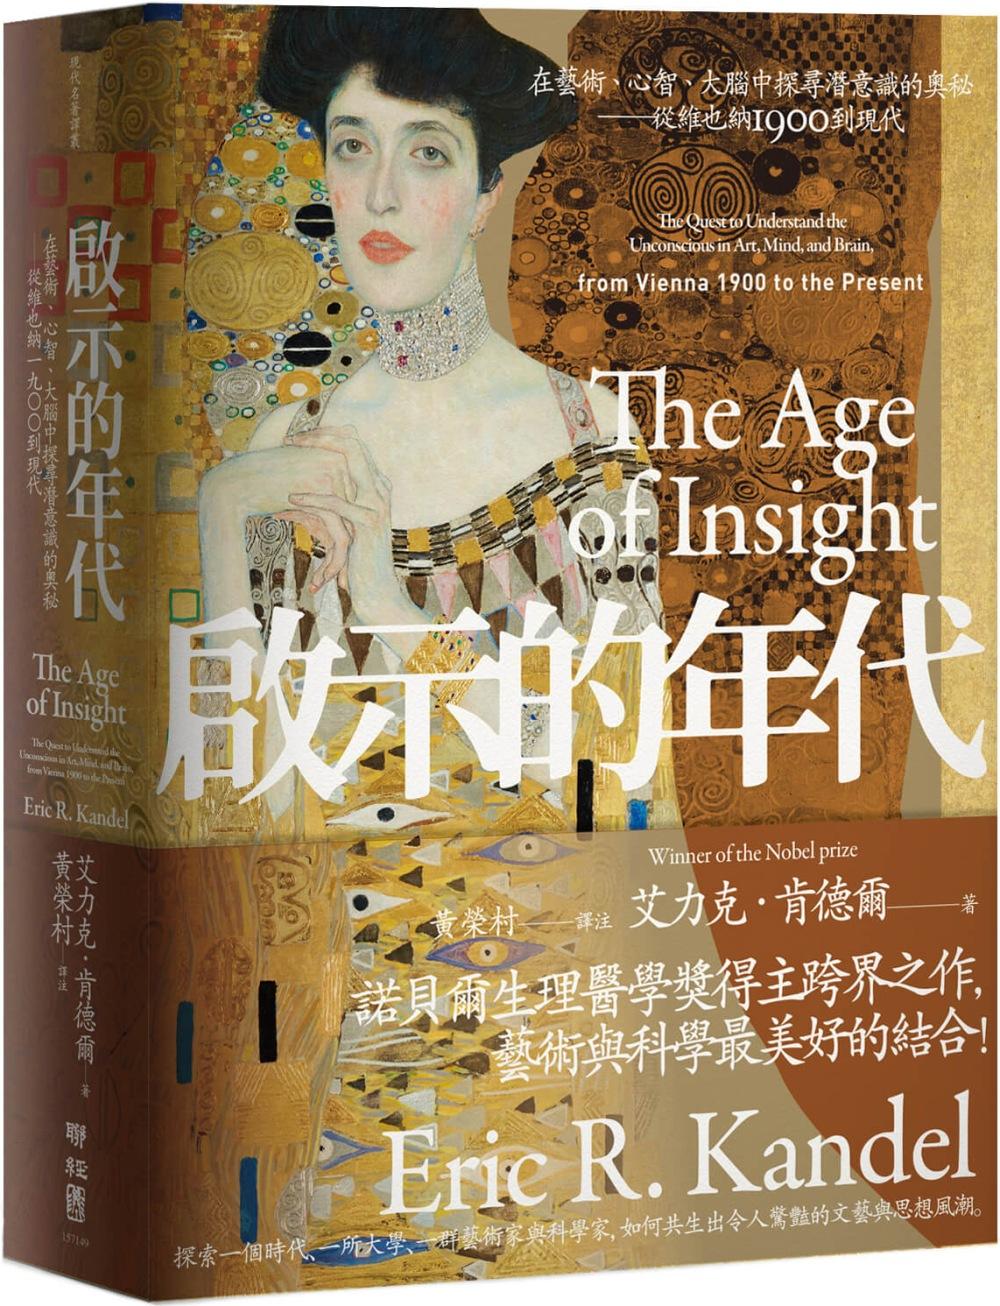 啟示的年代:在藝術、心智、大腦中探尋潛意識的奧秘 從維也納1900到現代